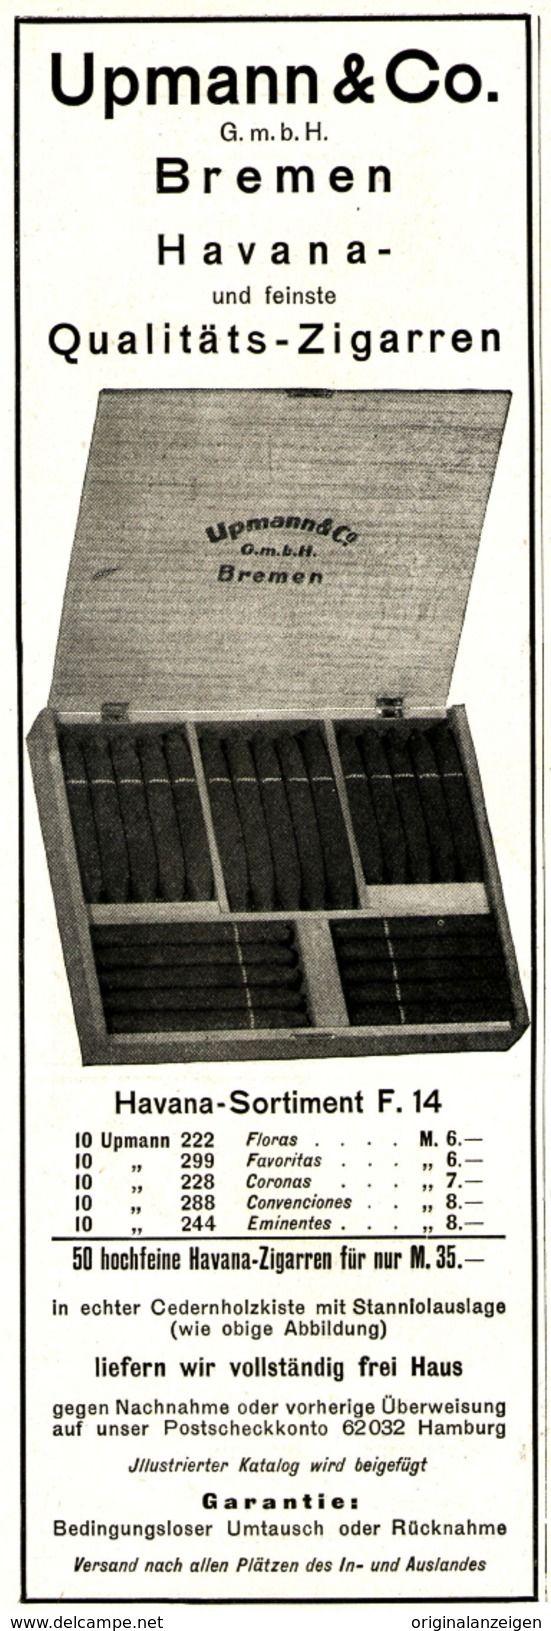 Werbung - Original-Werbung/Anzeige 1925 - HAVANA & QUALITÄTS - ZIGARREN / UPMANN BREMEN - ca. 75 X 220 mm